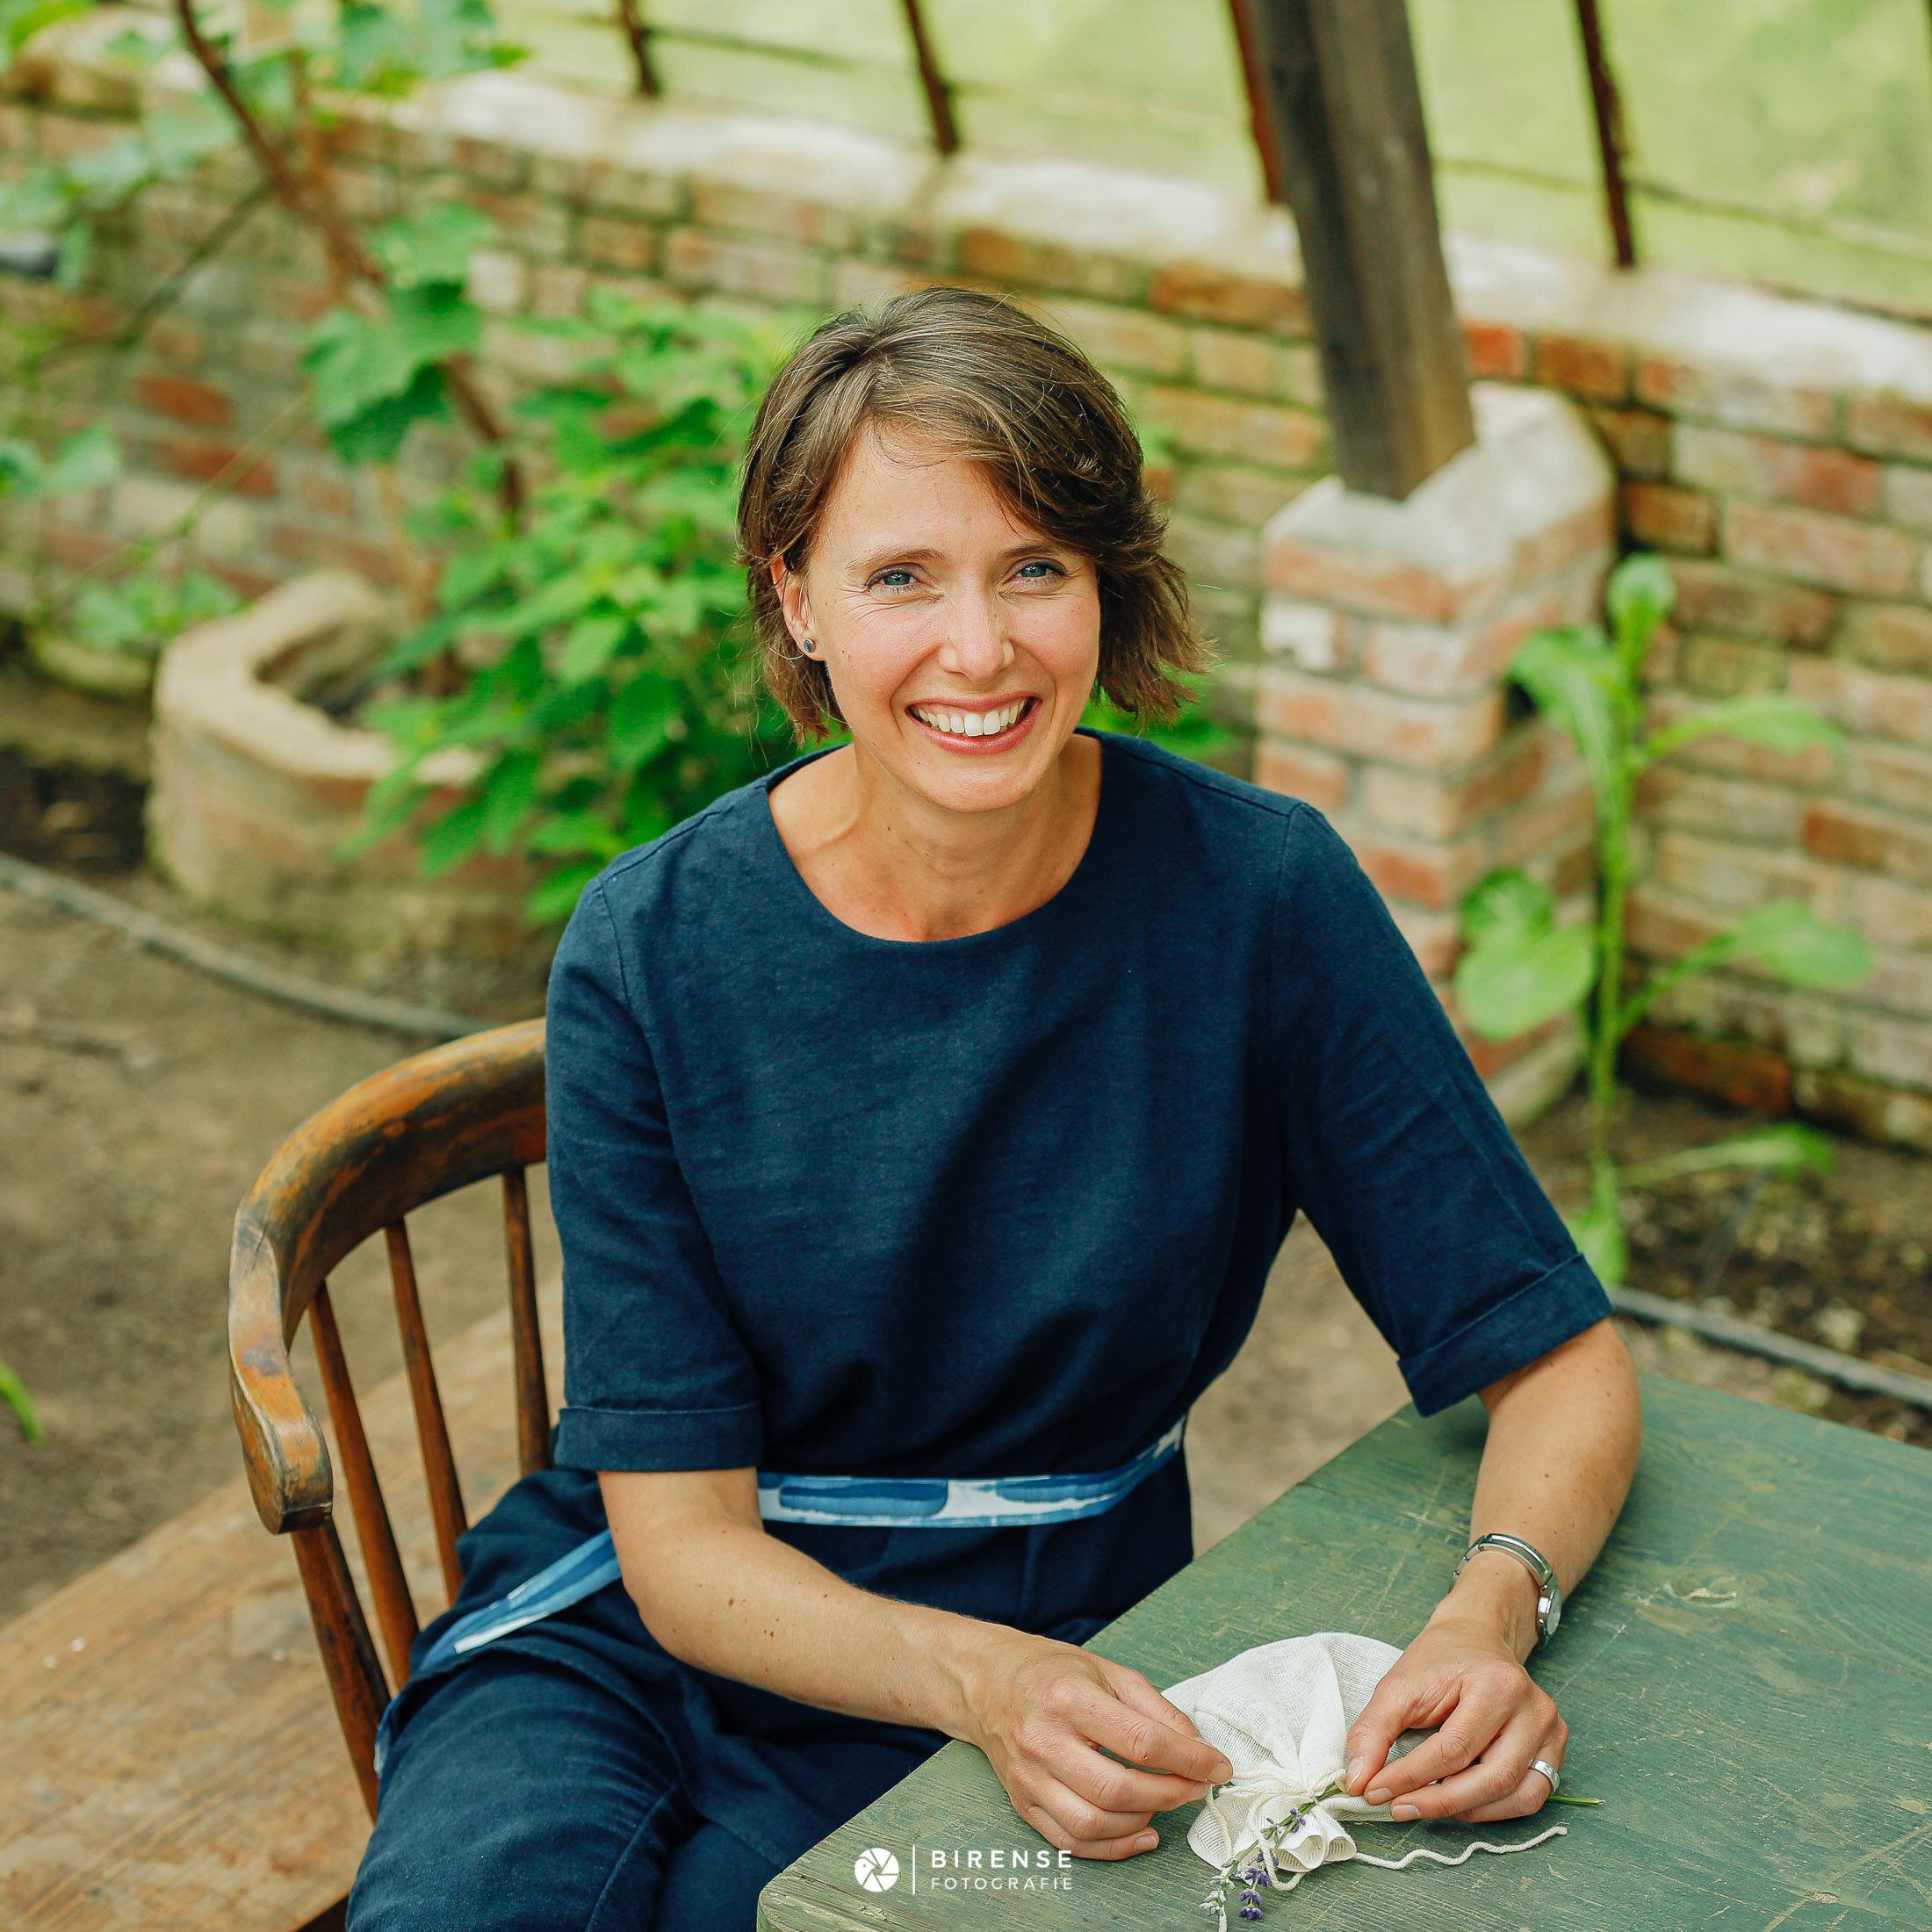 Brandingshoot portret fotosessie by Birense Fotografie-1-2.jpg